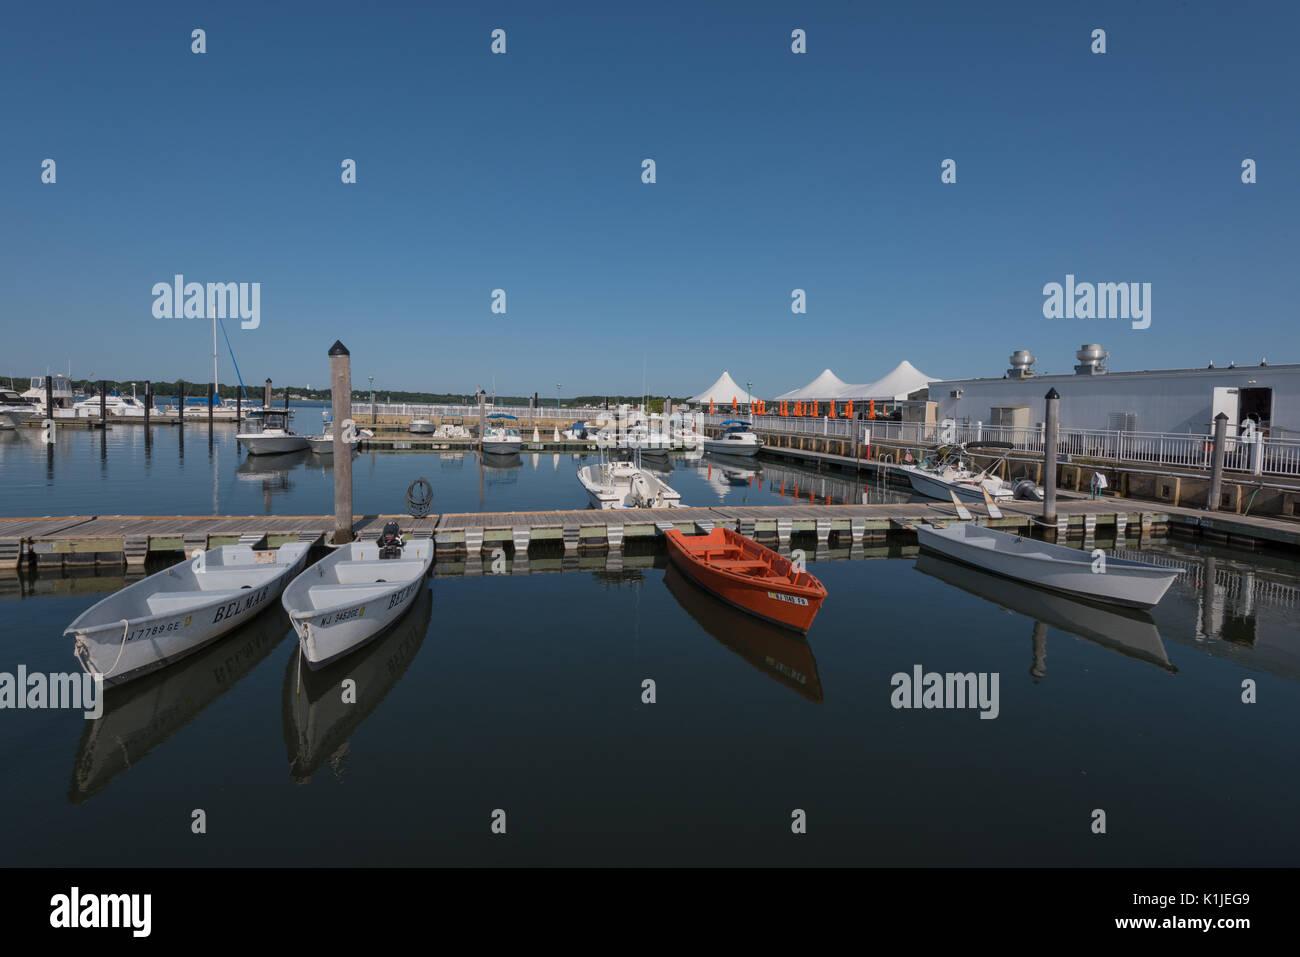 Belmar, NJ USA - August 26, 2017 Orange und Weiß Motorboote sind im Belmar Marina angedockt und im Wasser spiegelt. Redaktionelle Verwendung. Stockbild